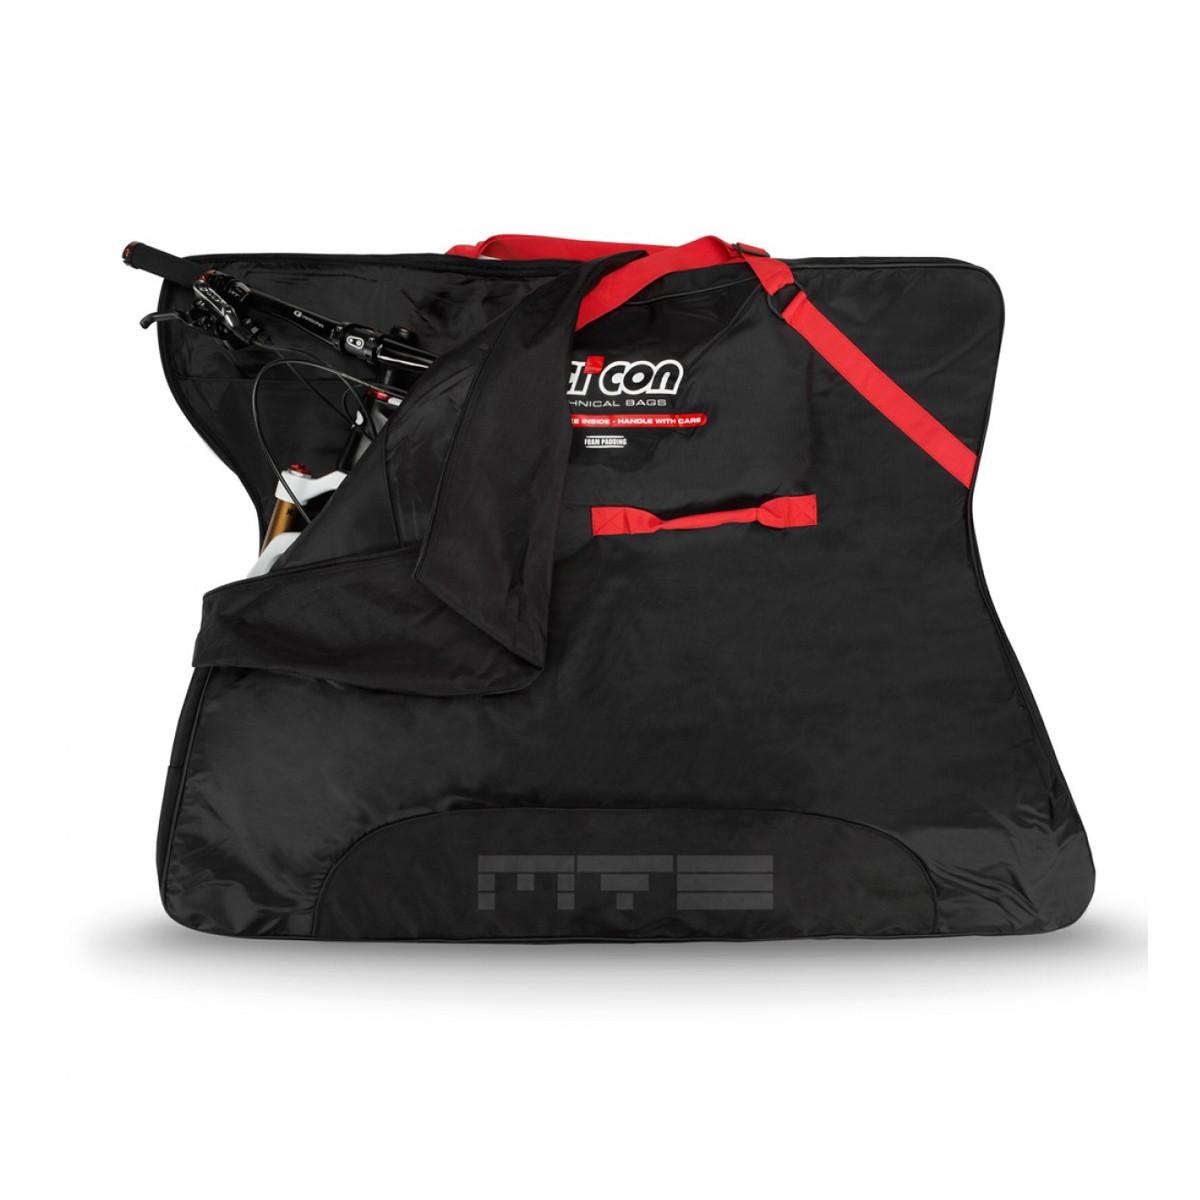 SCICON SOFT BIKE BAG TRAVEL PLUS MTB.jpg